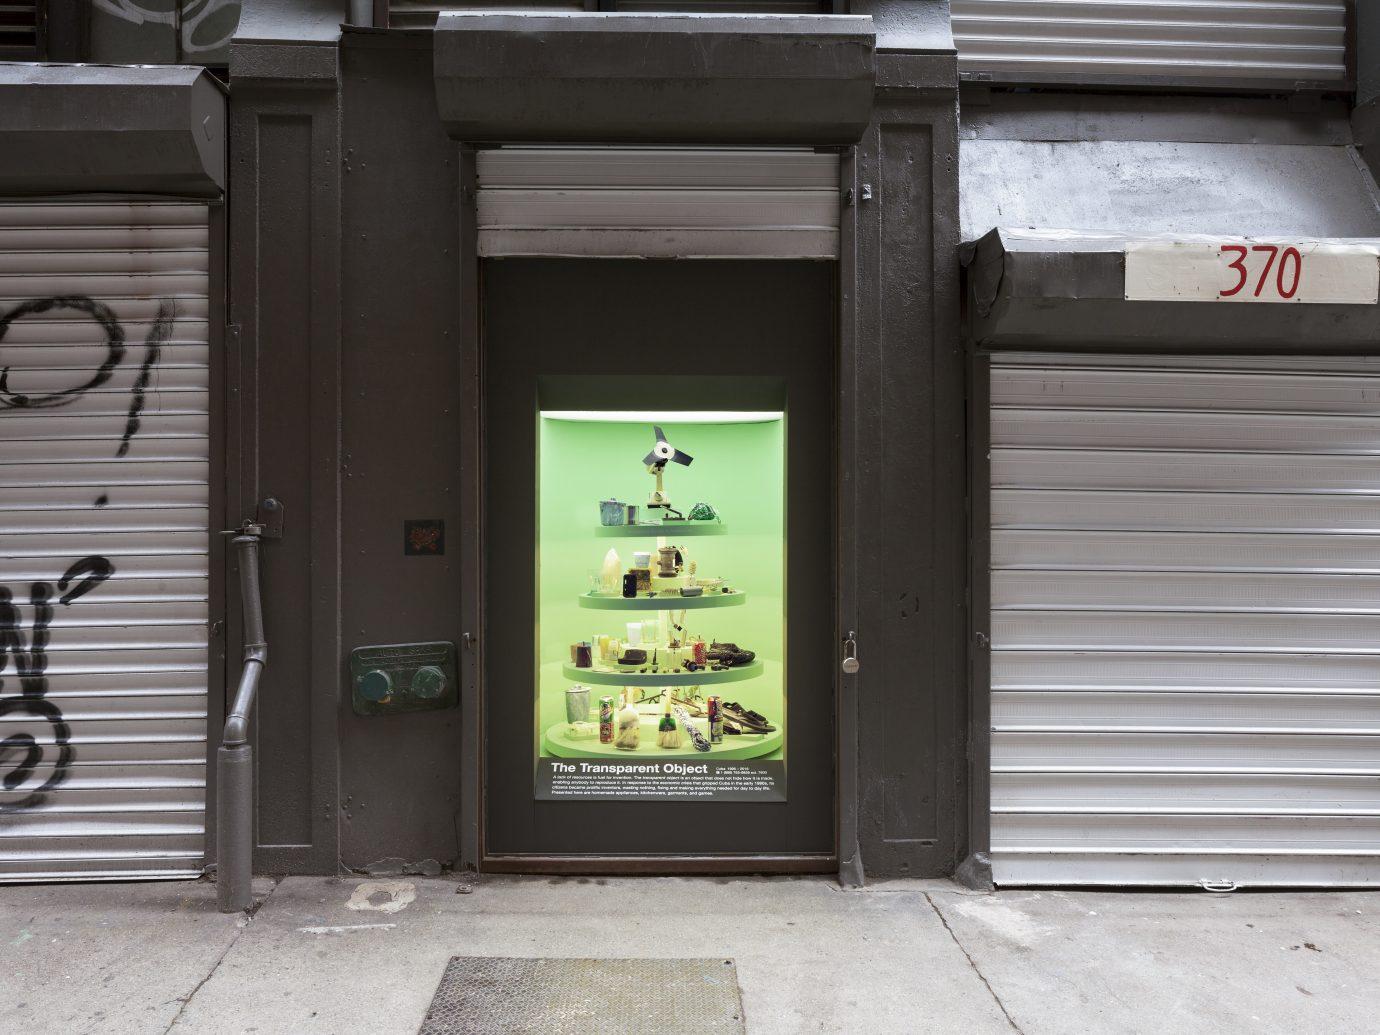 Mmuseumm, New York City